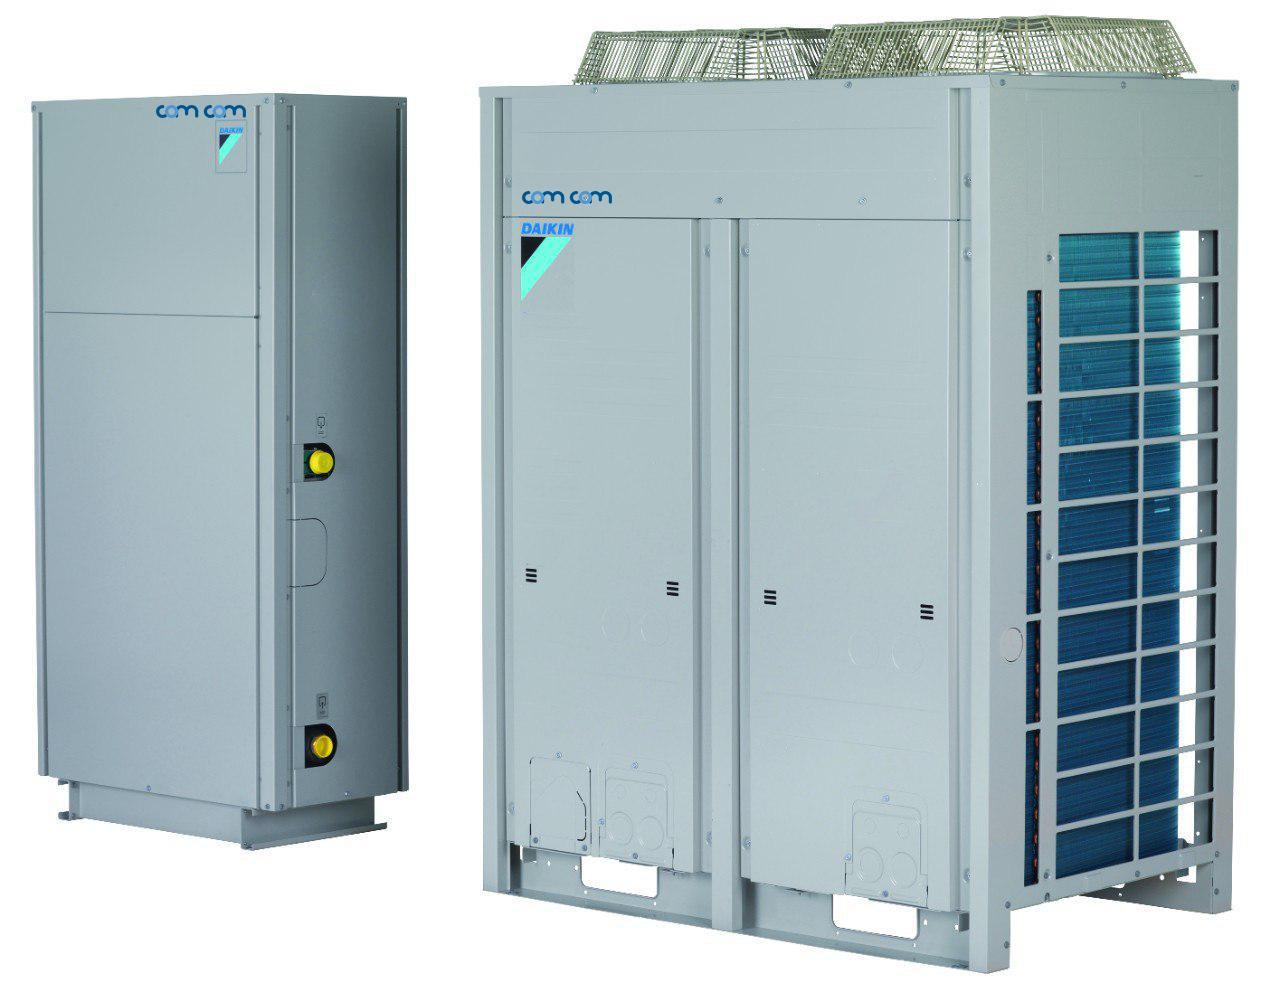 Daikin SEHVX32BW/SERHQ032BW1  – инверторная холодильная машина с воздушным охлаждением конденсатора, спиральным компрессором и тепловым насосом